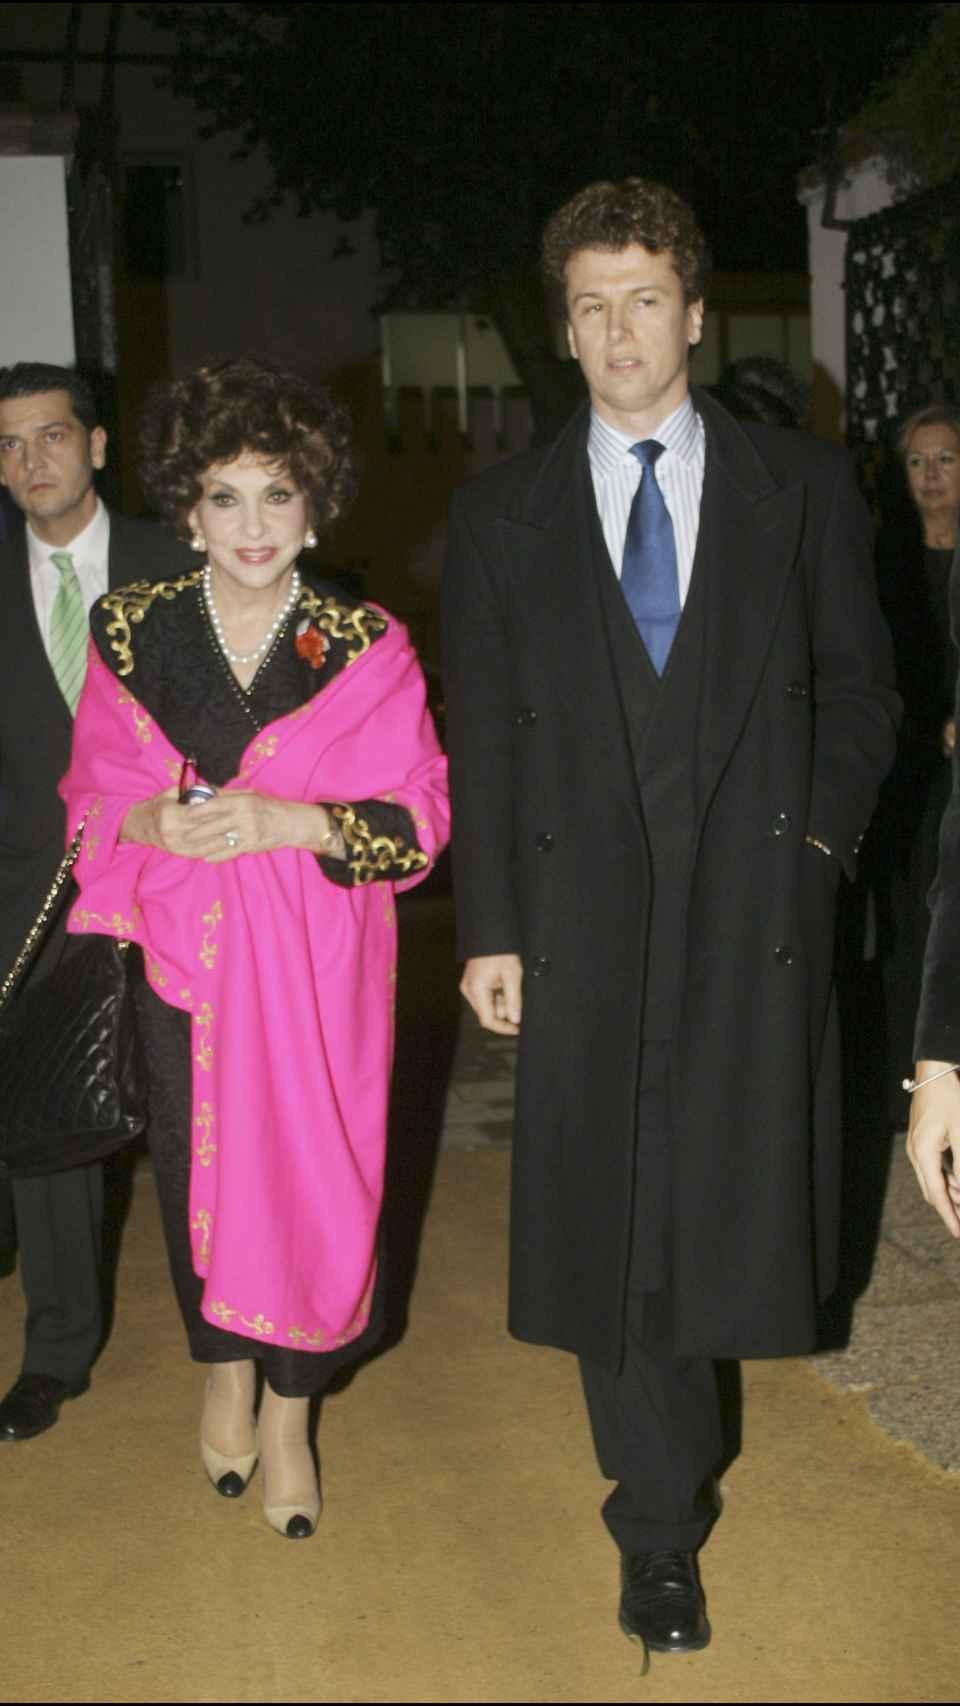 Gina junto a Rigau en una imagen tomada en 2005.